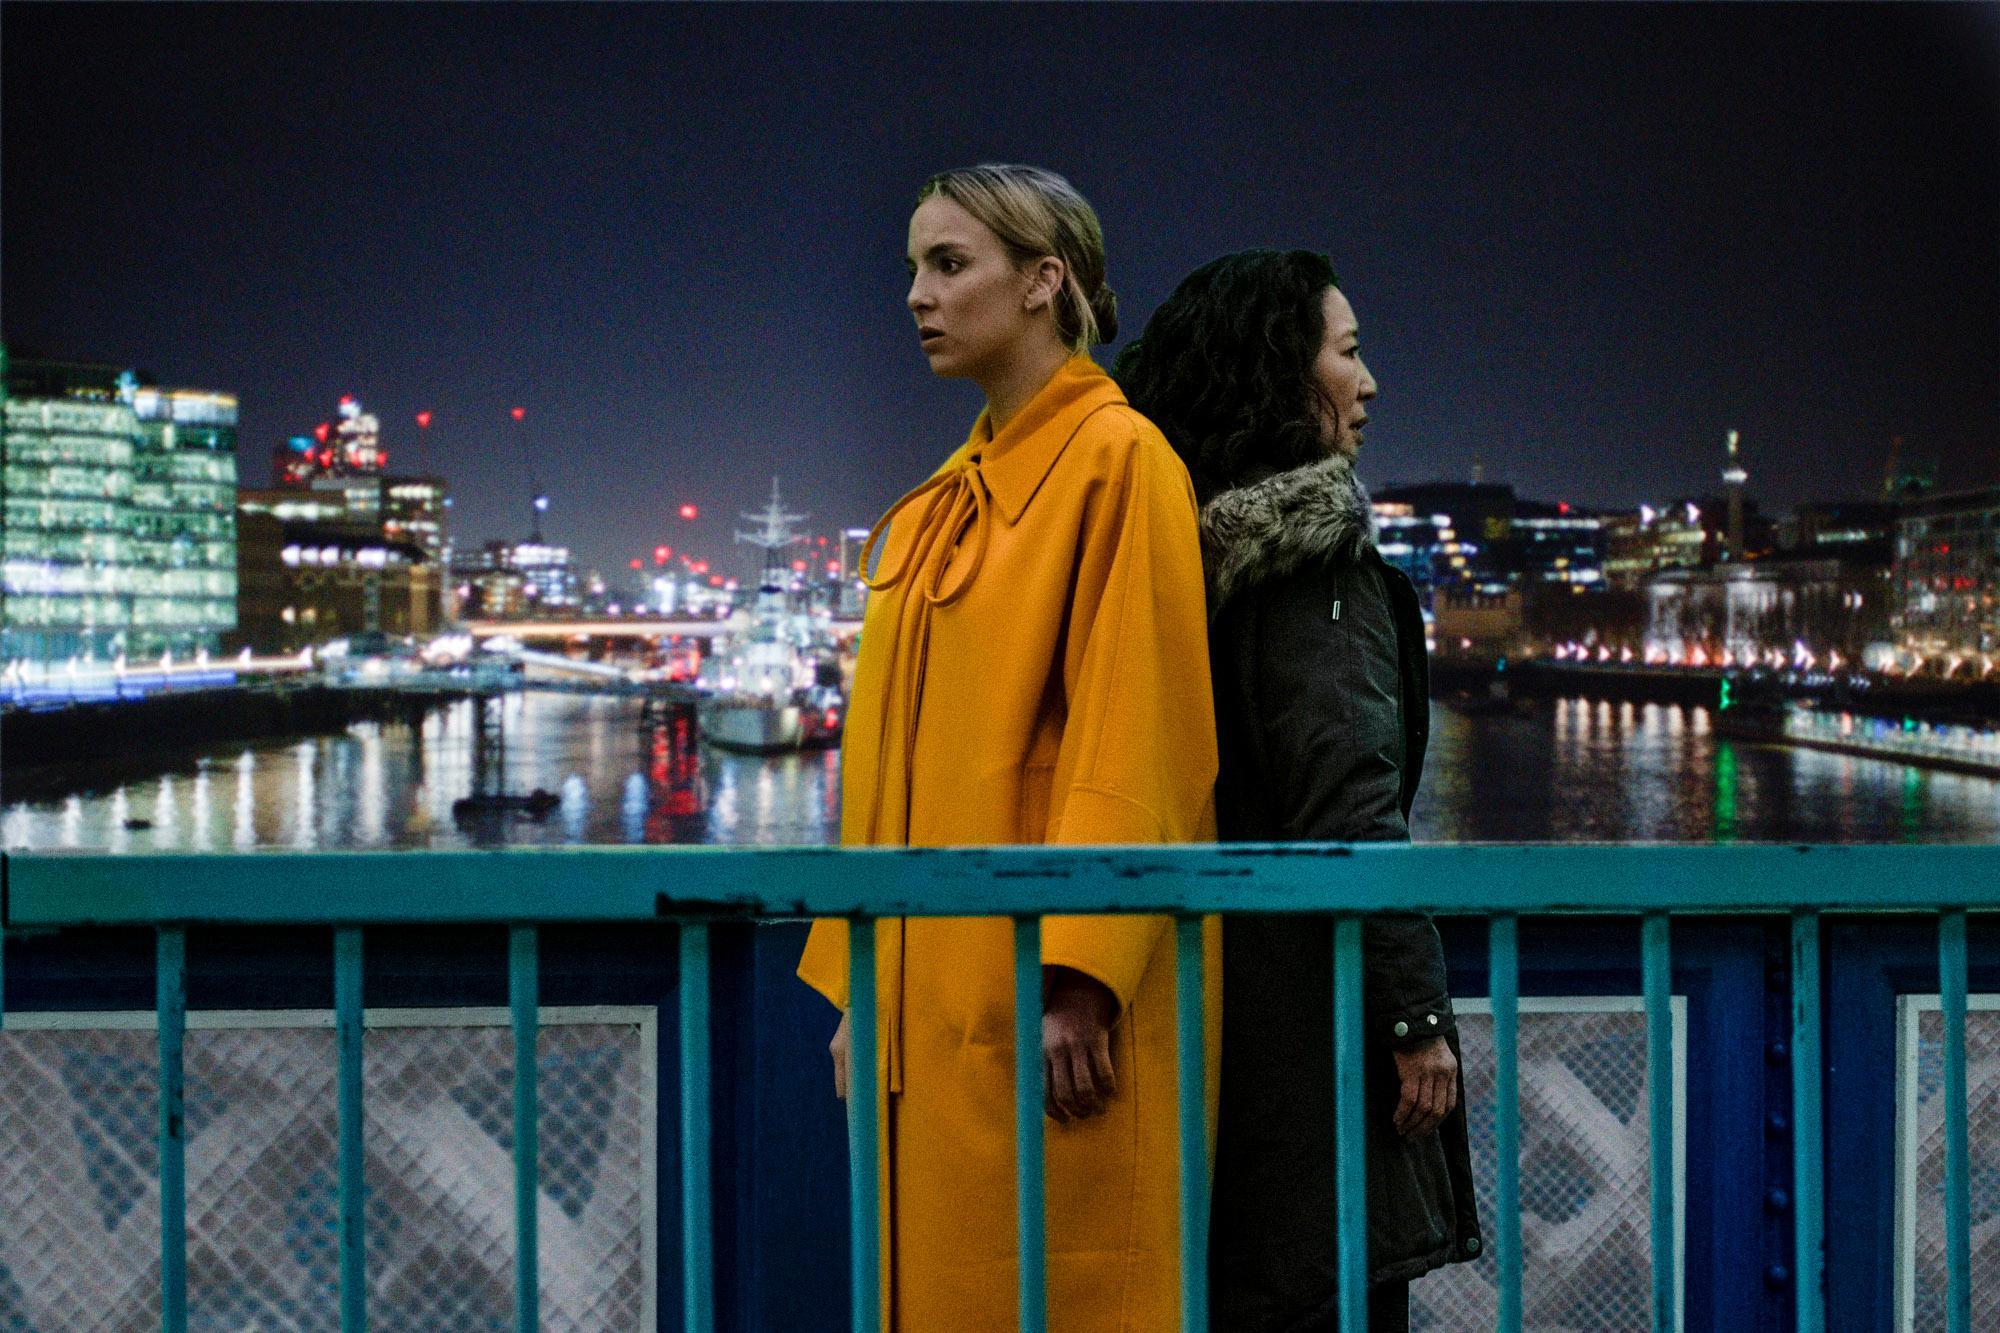 Phim giật gân 'Killing Eve' kết thúc sau mùa bốn Ảnh 2